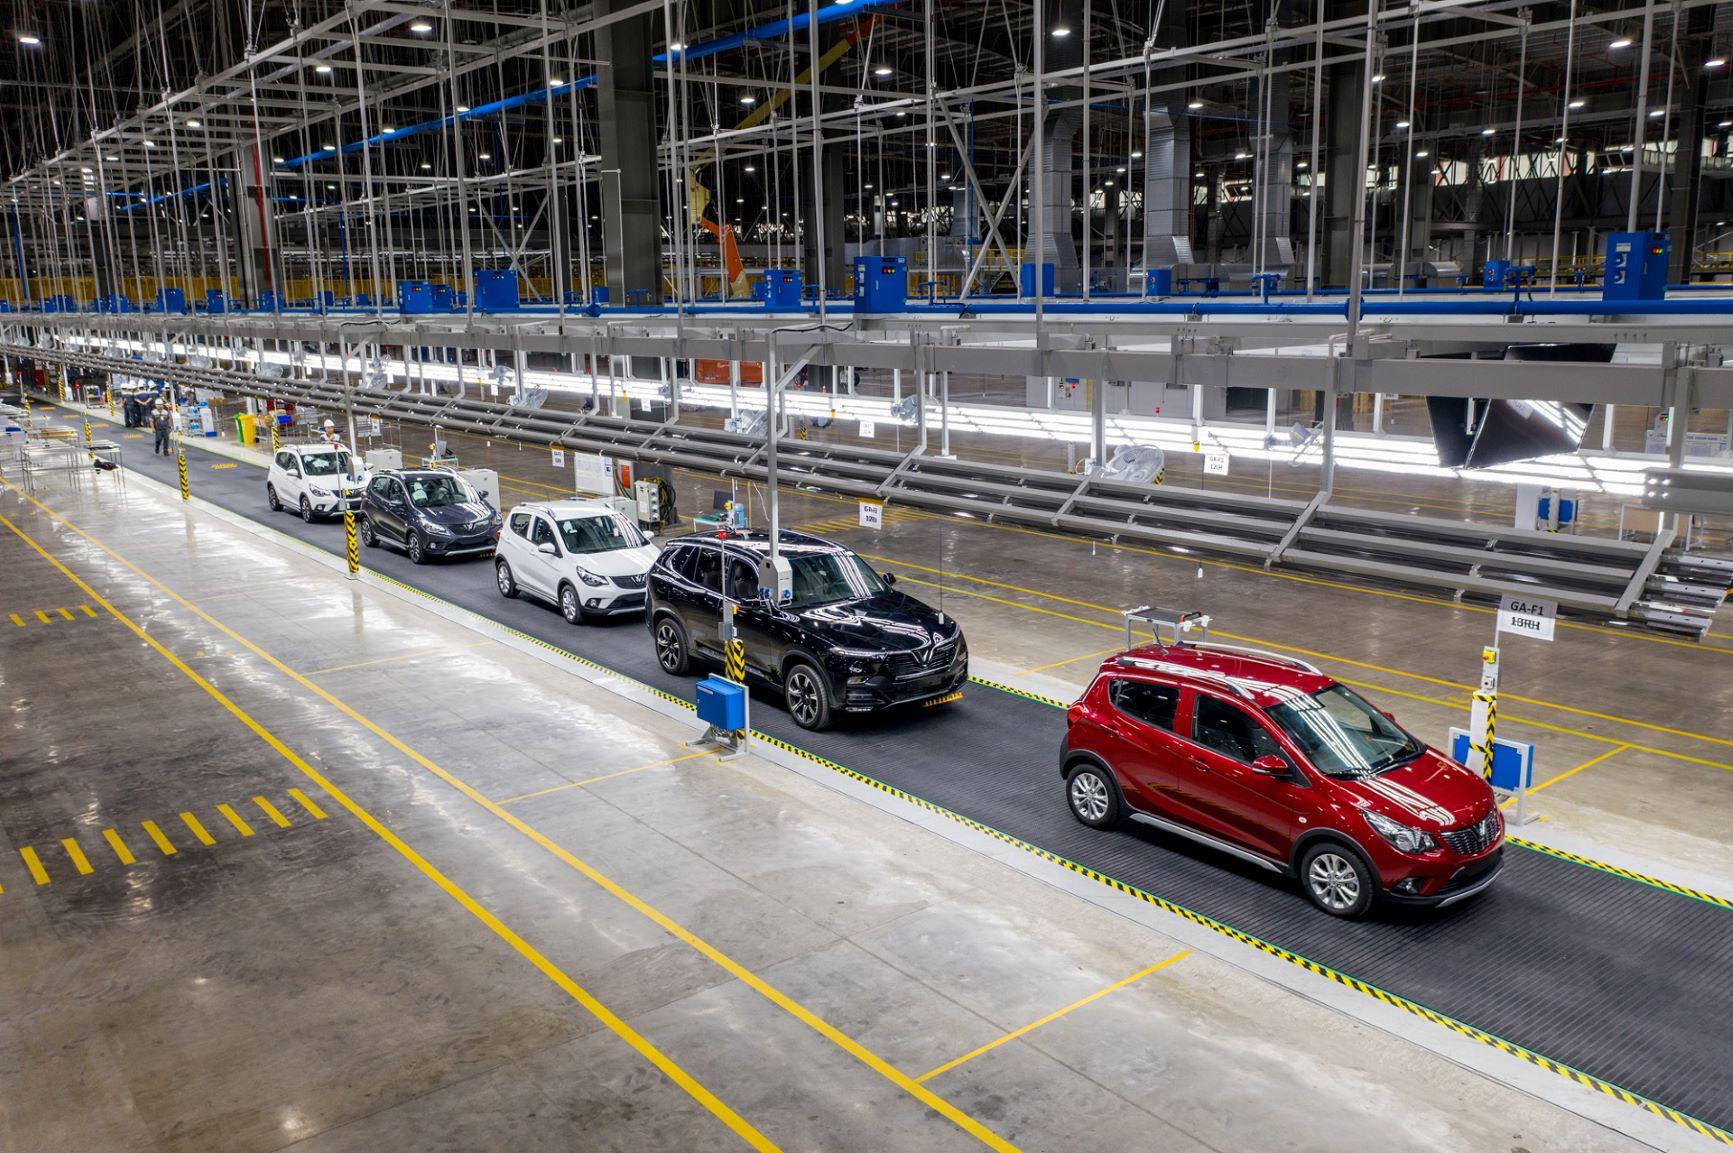 Bất chấp đại dịch, VinFast vẫn bán được hơn 5.000 xe trong quý 1/2020, dẫn đầu phân khúc xe sang tại Việt Nam - Ảnh 1.